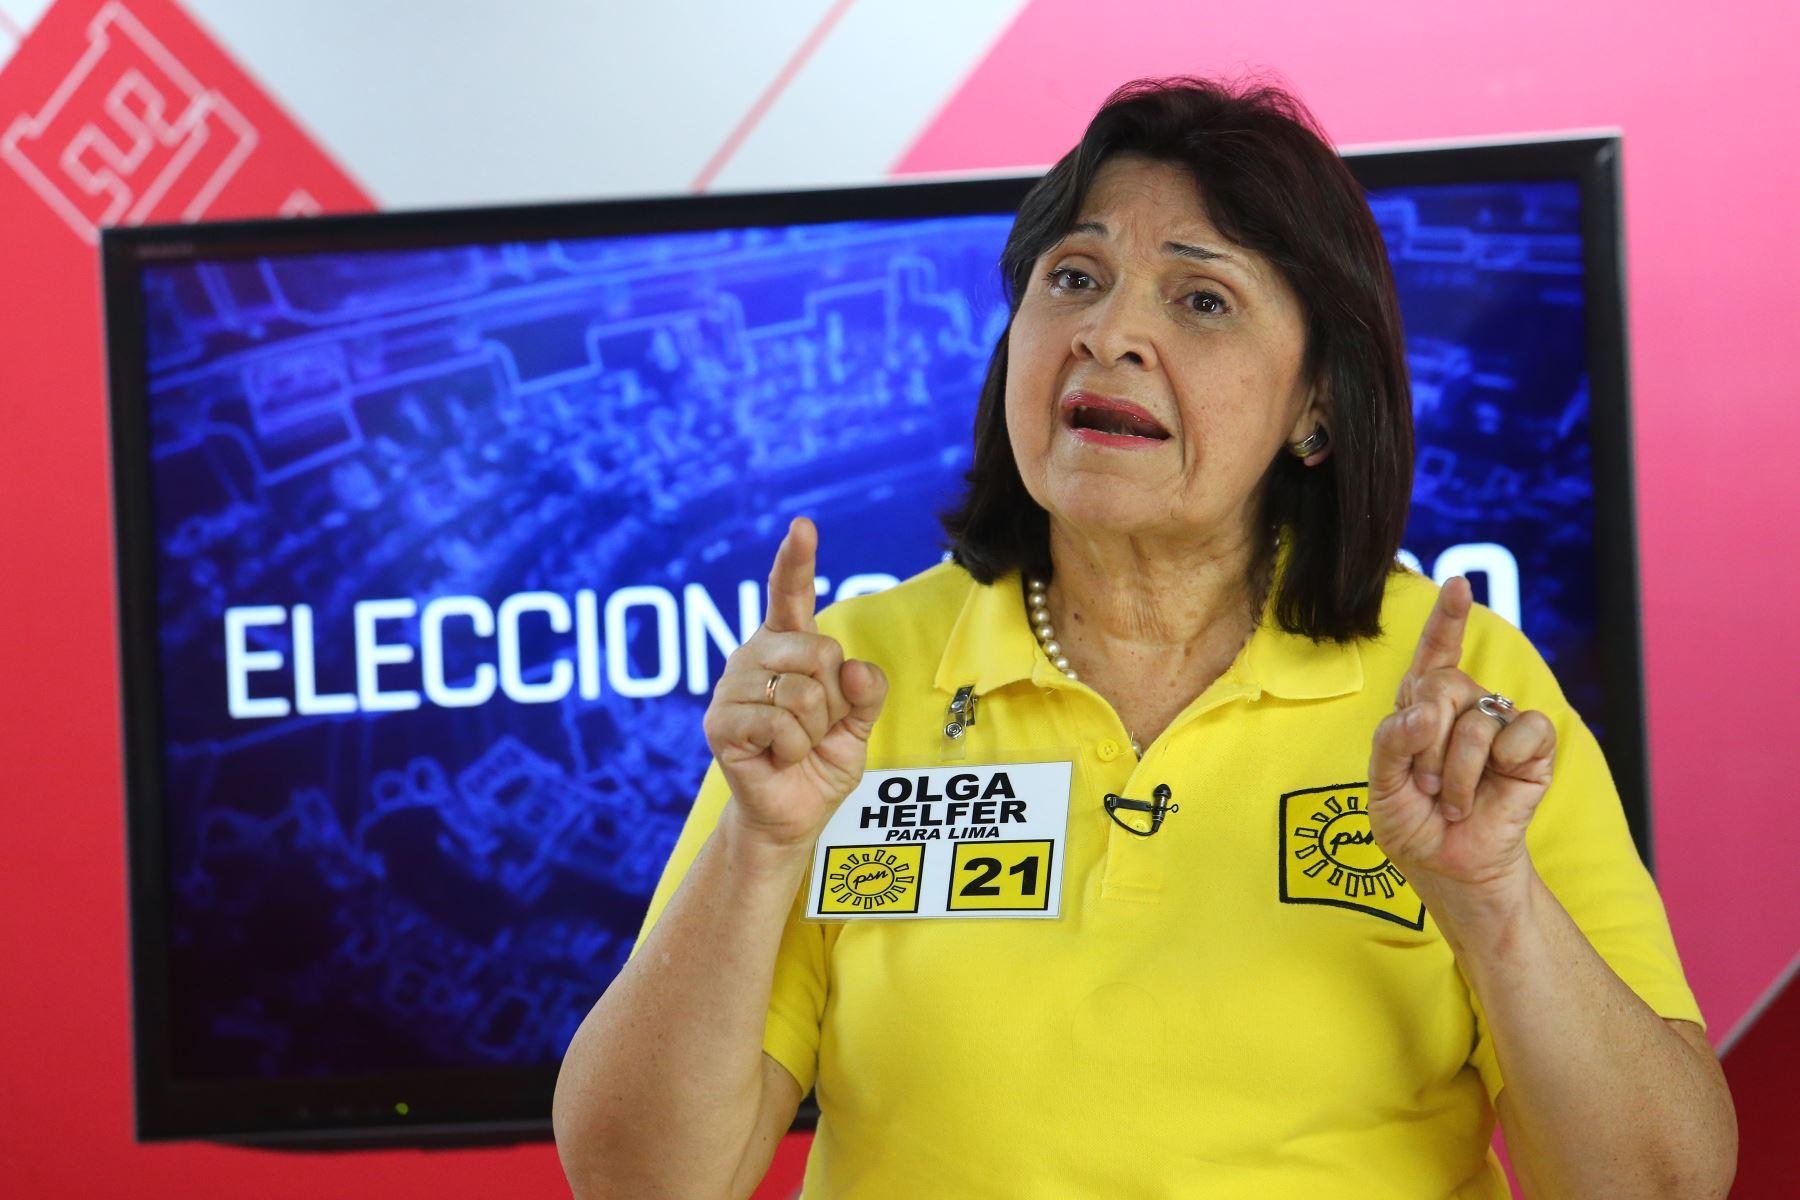 Candidata por Solidaridad Nacional, Olga Helfer. Foto: ANDINA/Héctor Vinces